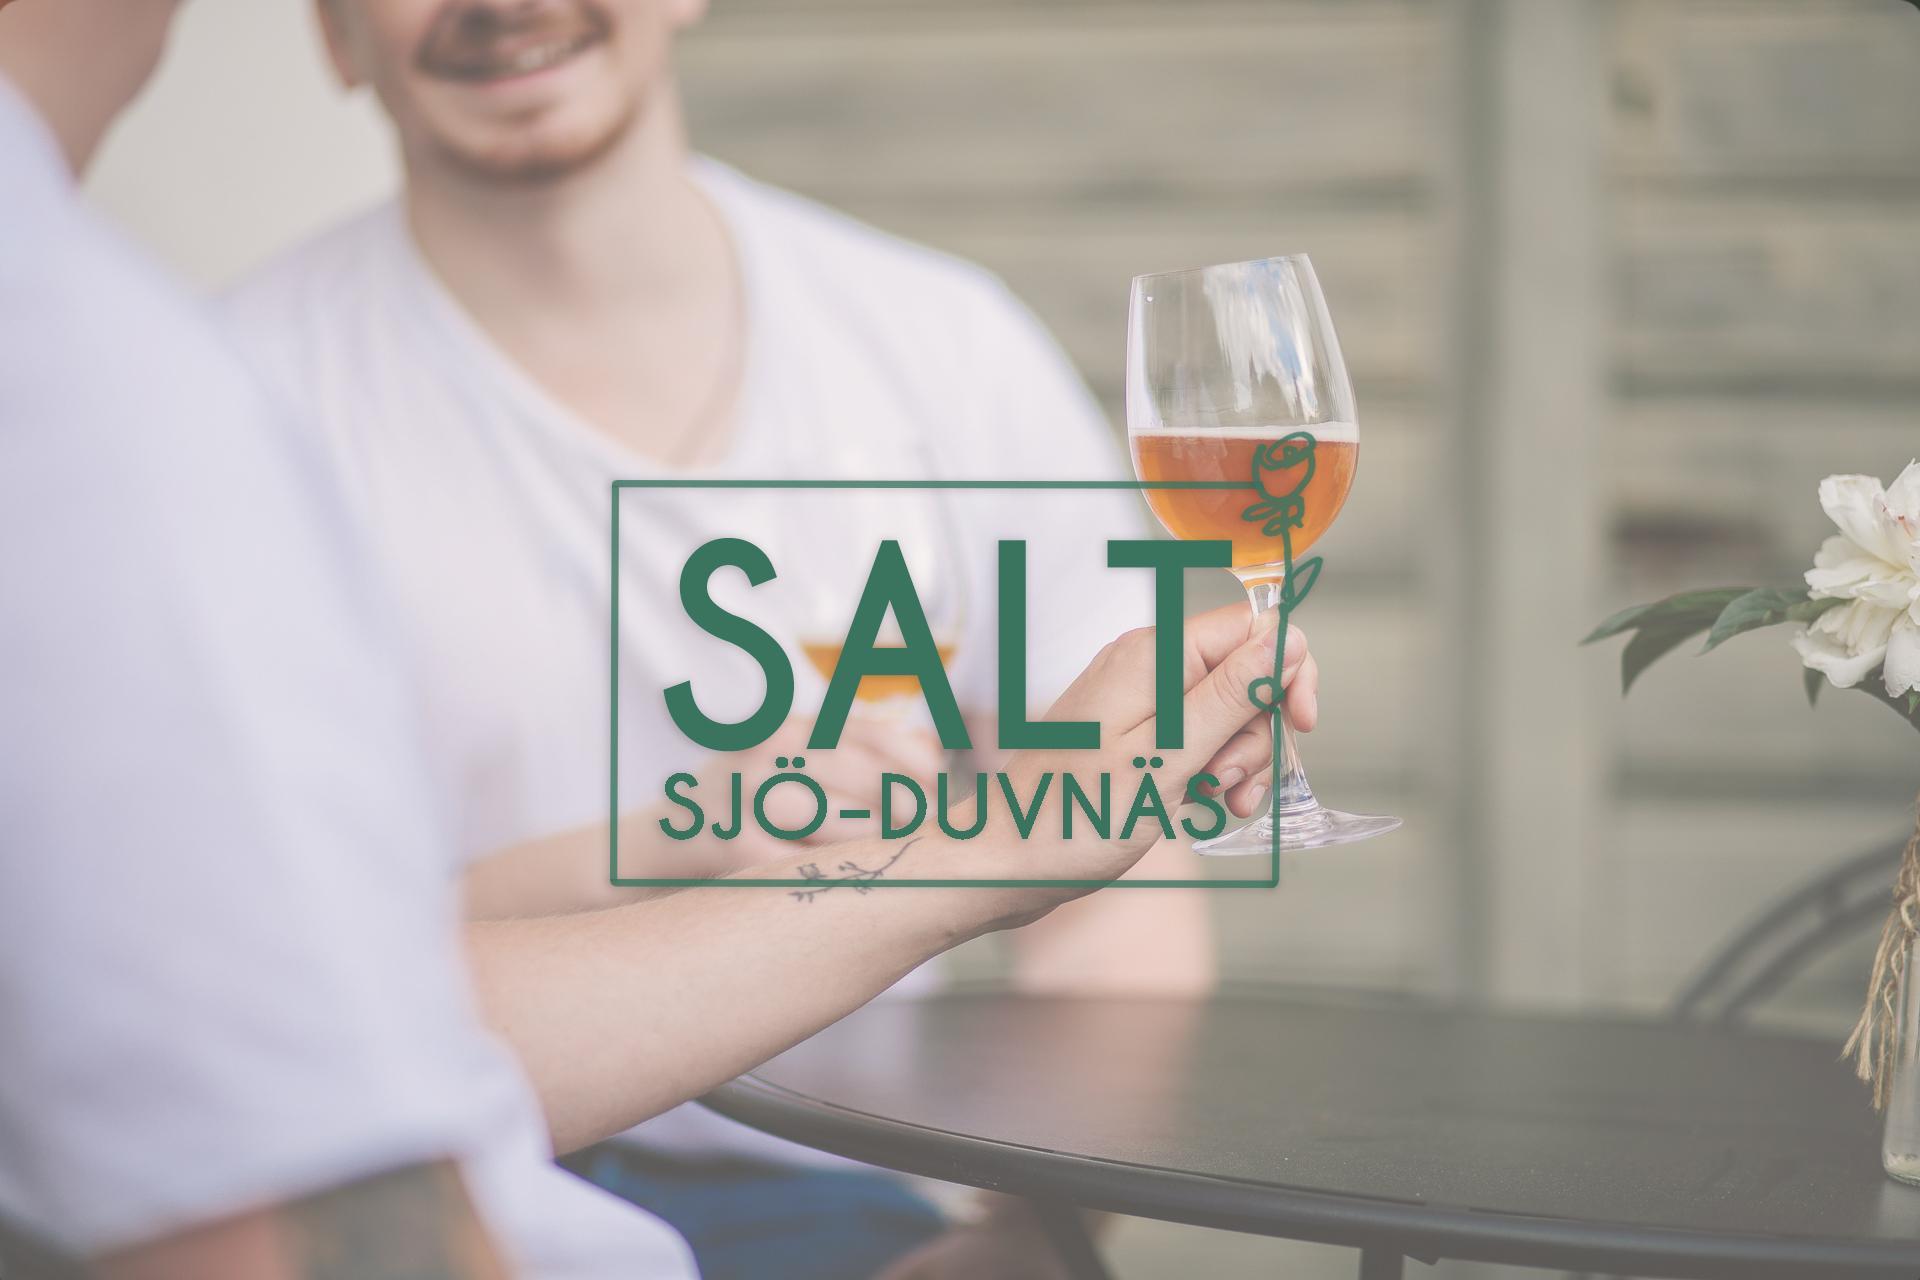 Kerstin & Britt Saltsjö-Duvnäs.jpg